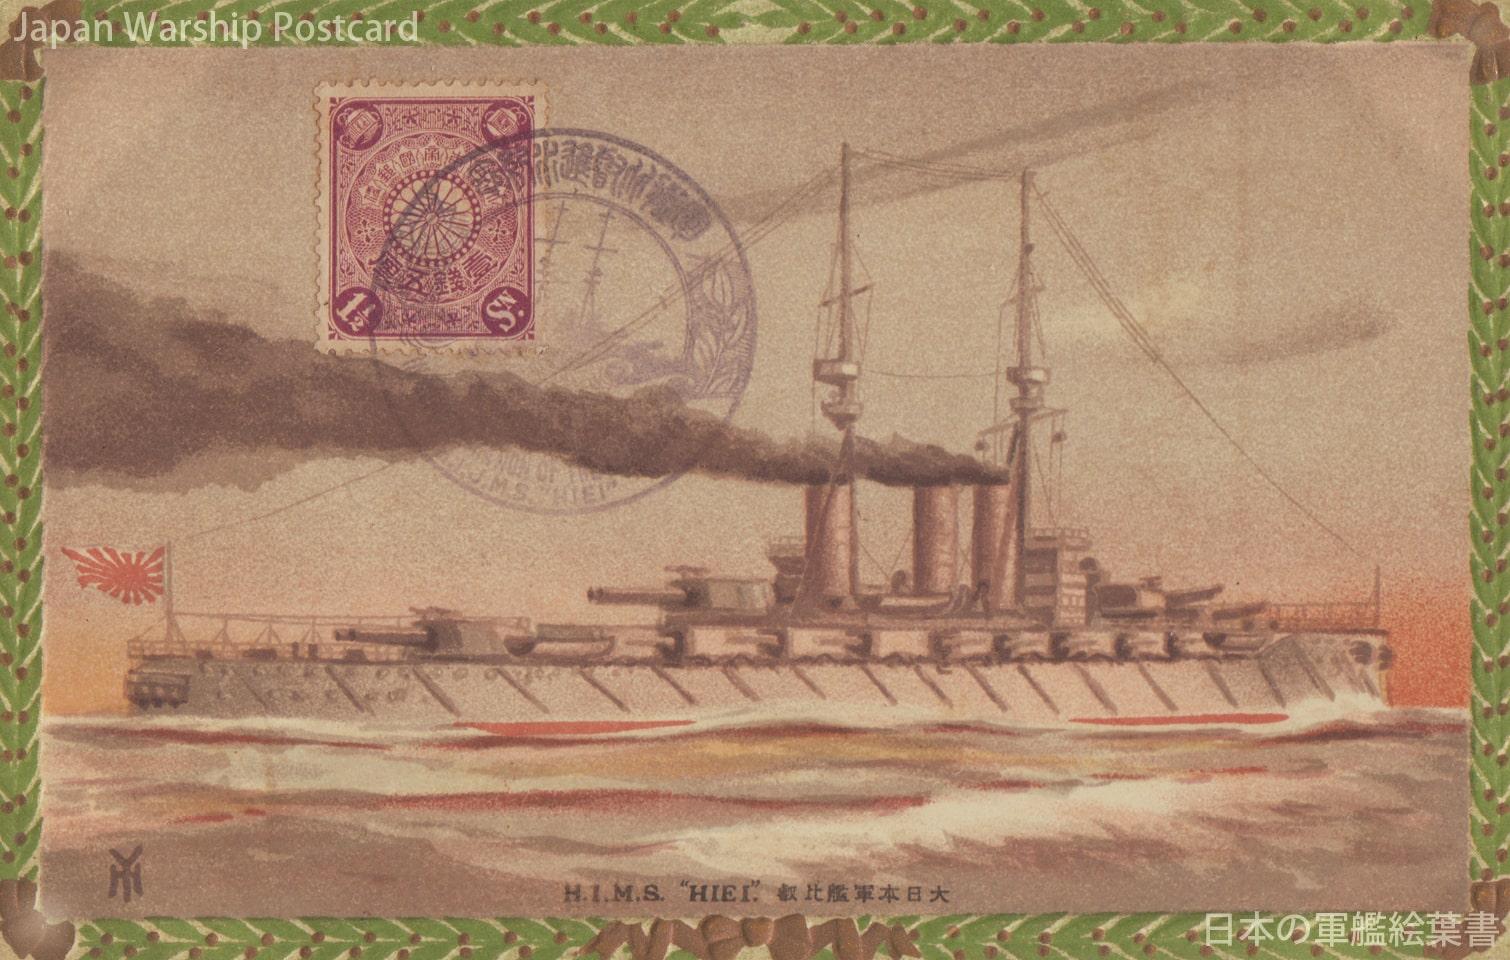 金剛型戦艦「比叡」